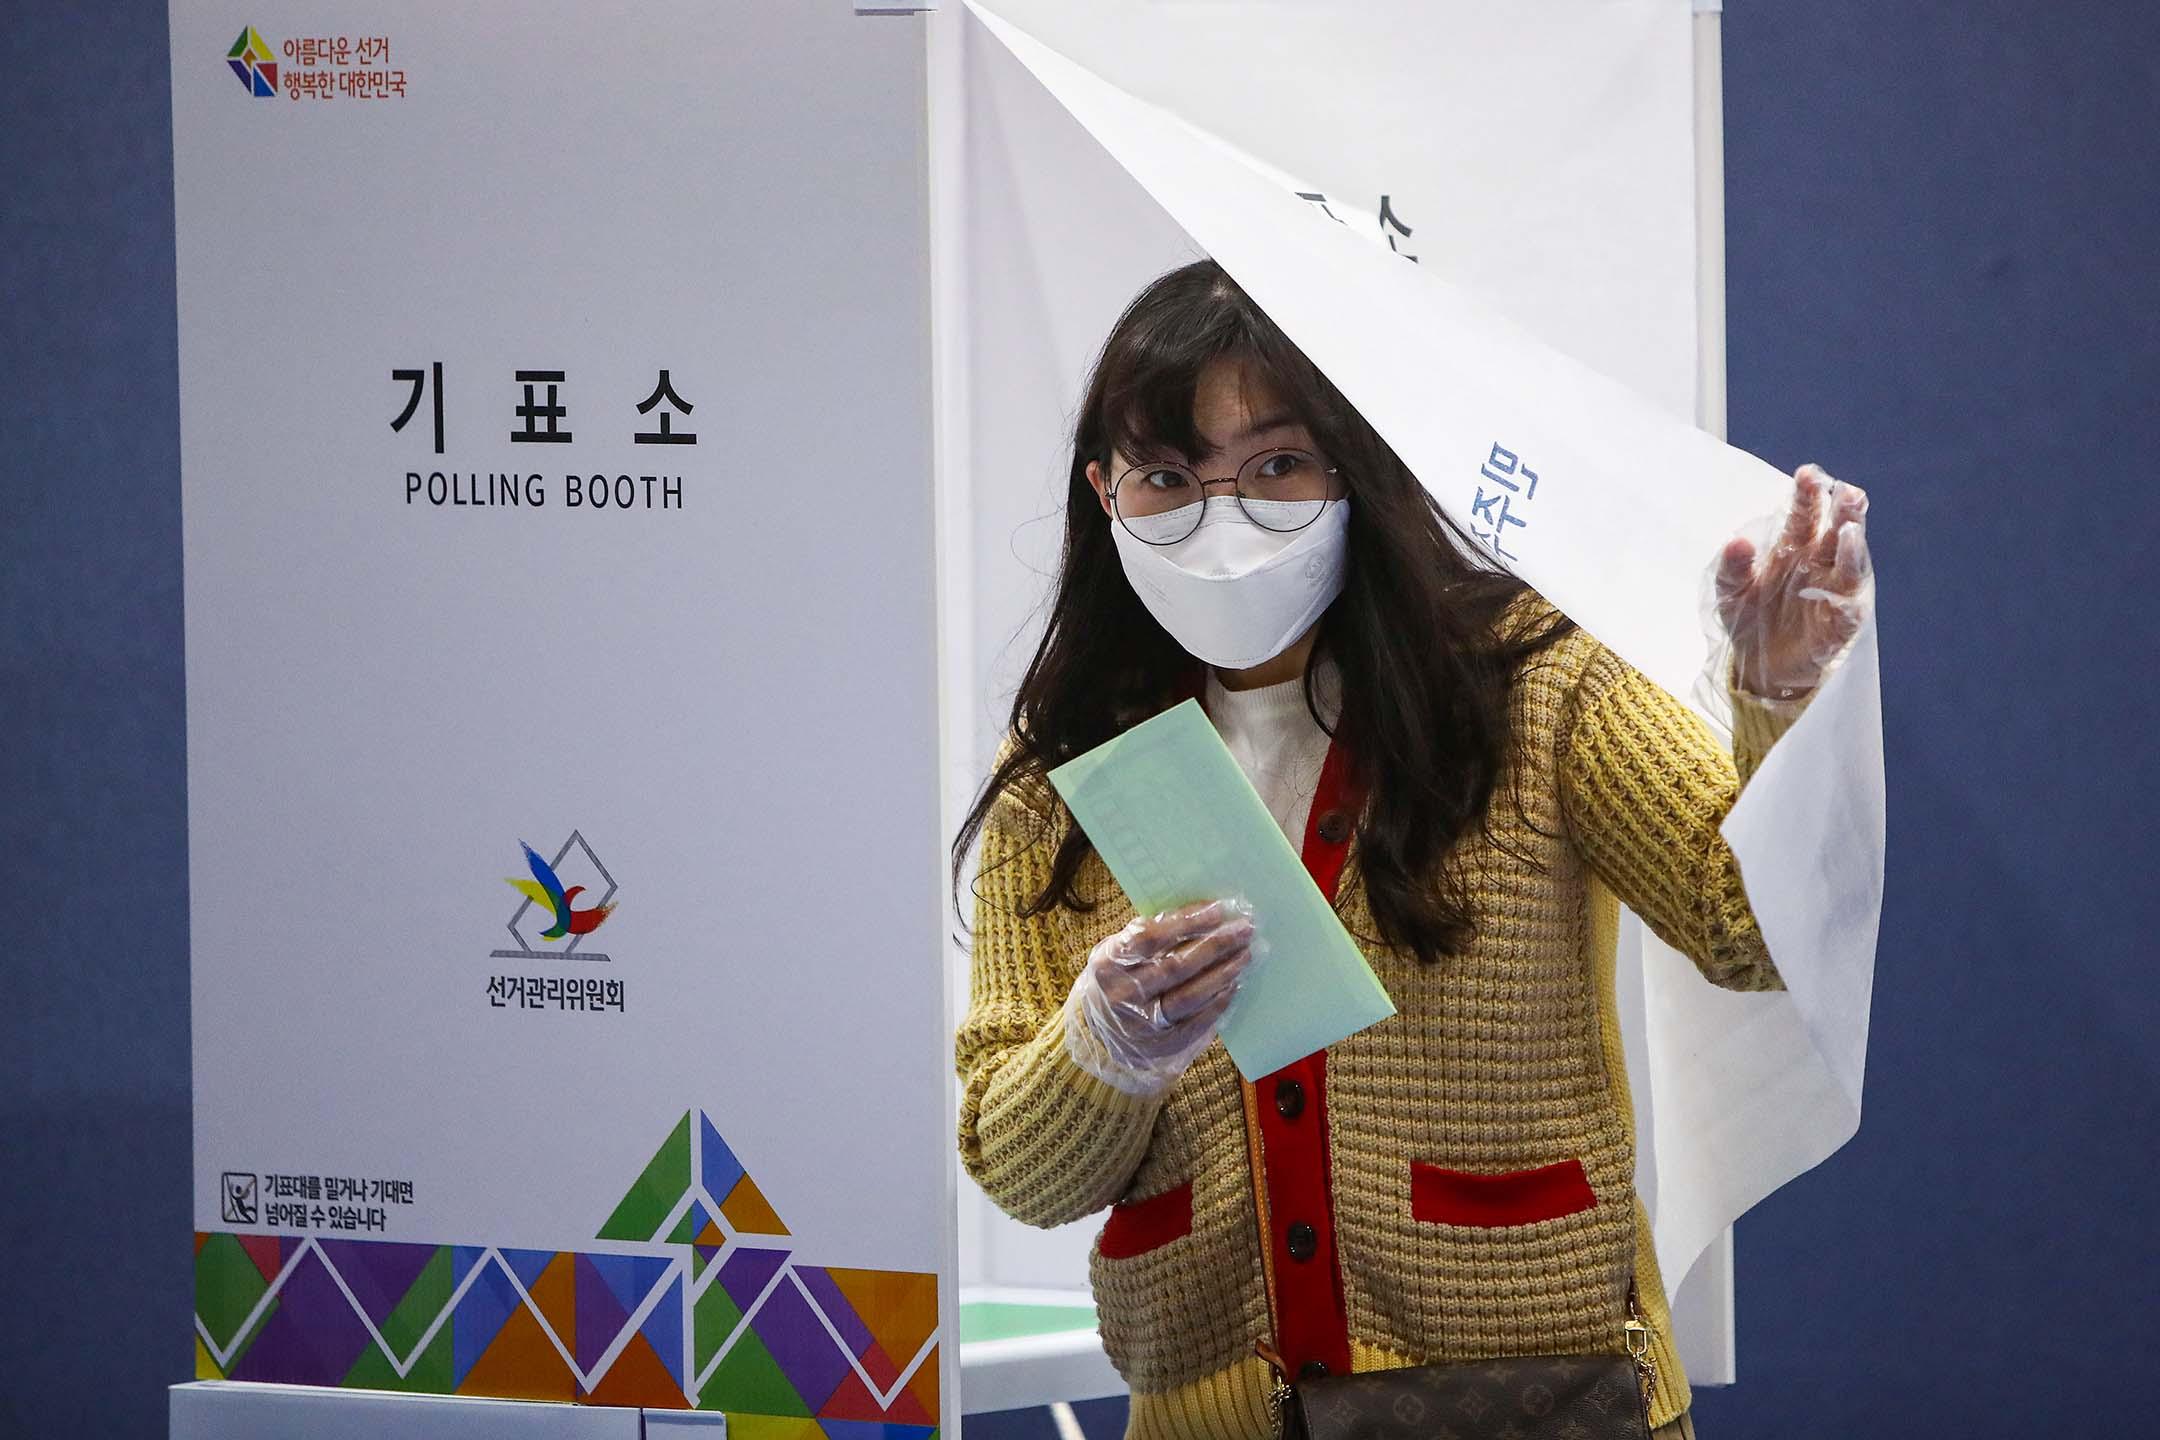 2020年4月15日韓國首爾,一名韓國婦女戴著口罩及手套在議會選舉的一個投票站內投票。